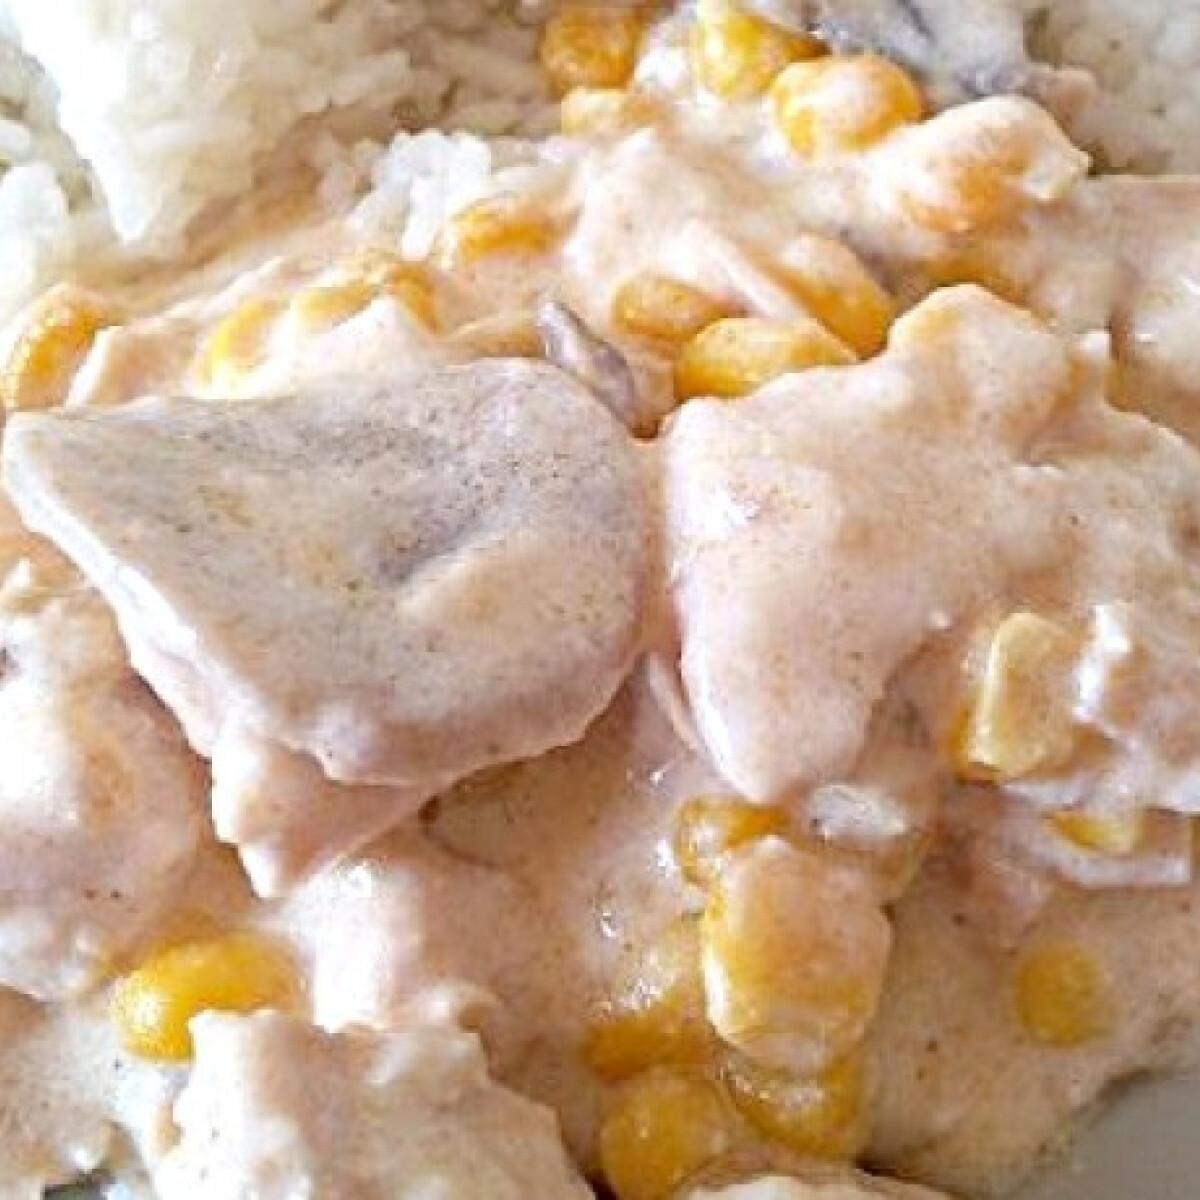 Ezen a képen: Son-go-ku csirke